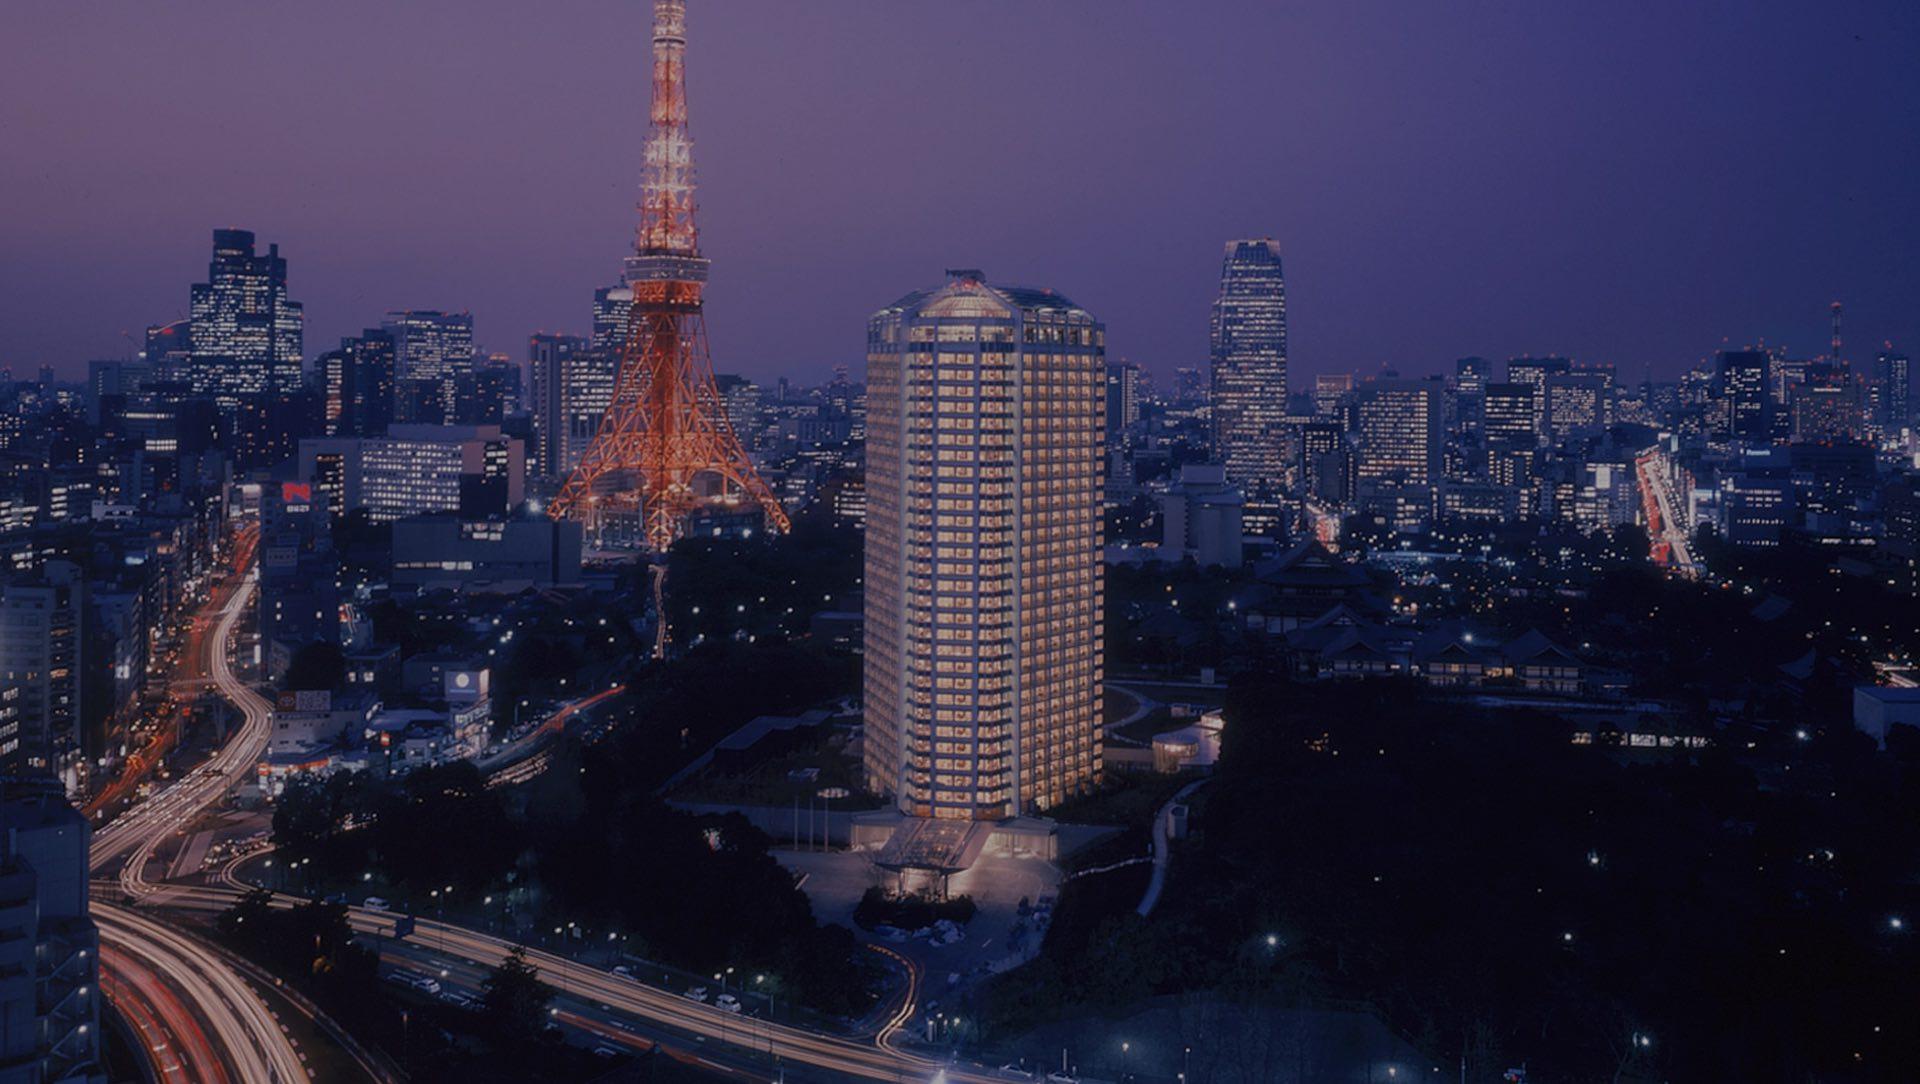 东京皇家王子大饭店花园塔